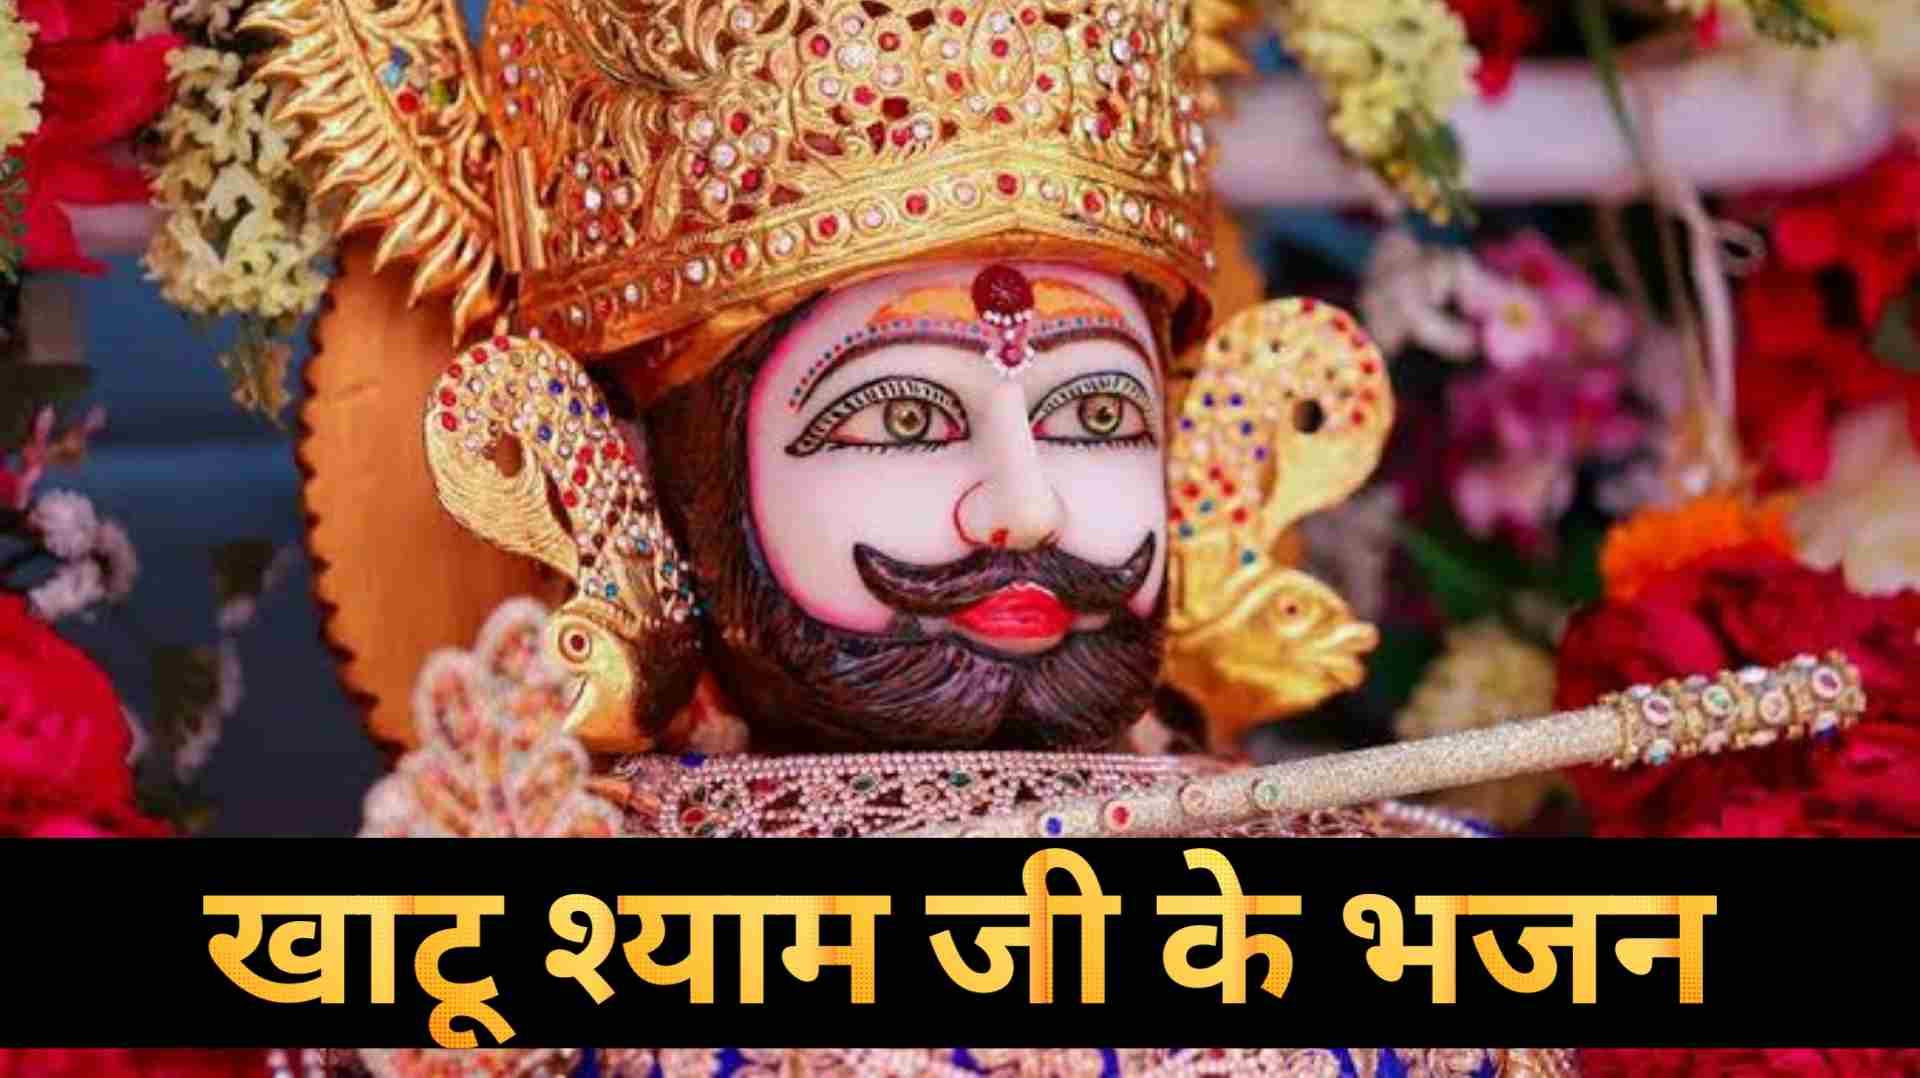 Superhit Khatu Shyam Ke Bhajan Mp3 Download